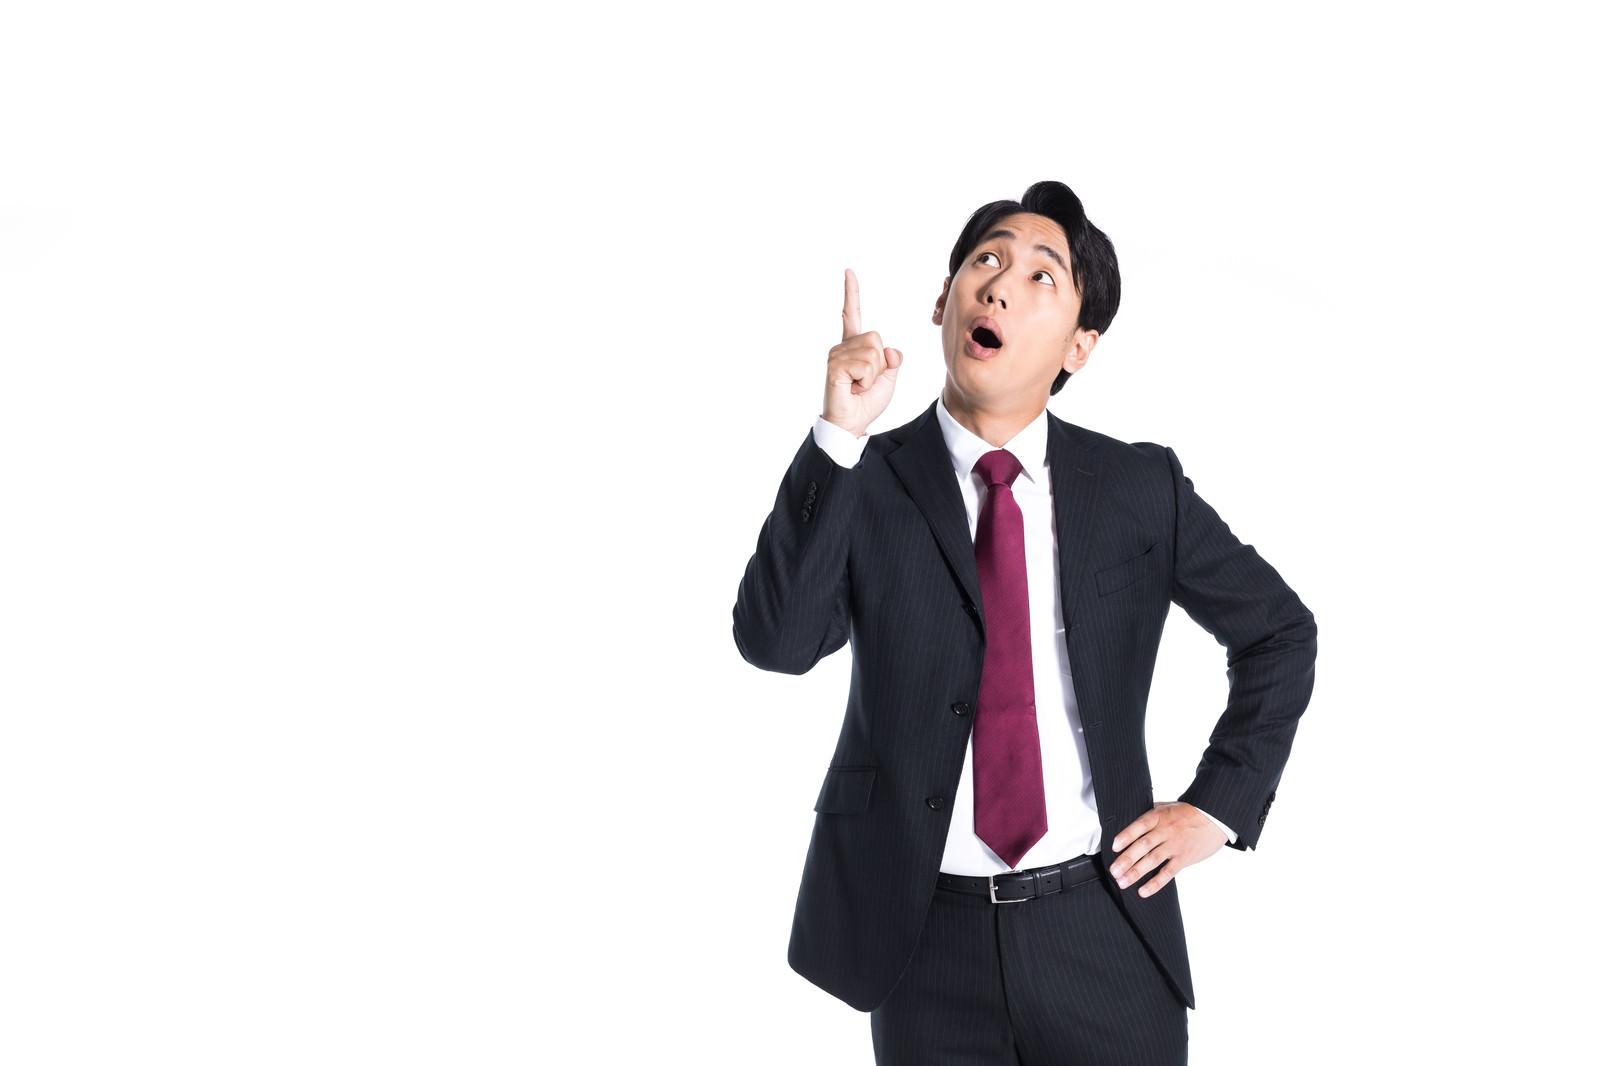 「上部のバナーにびっくり驚くスーツ男子」の写真[モデル:大川竜弥]